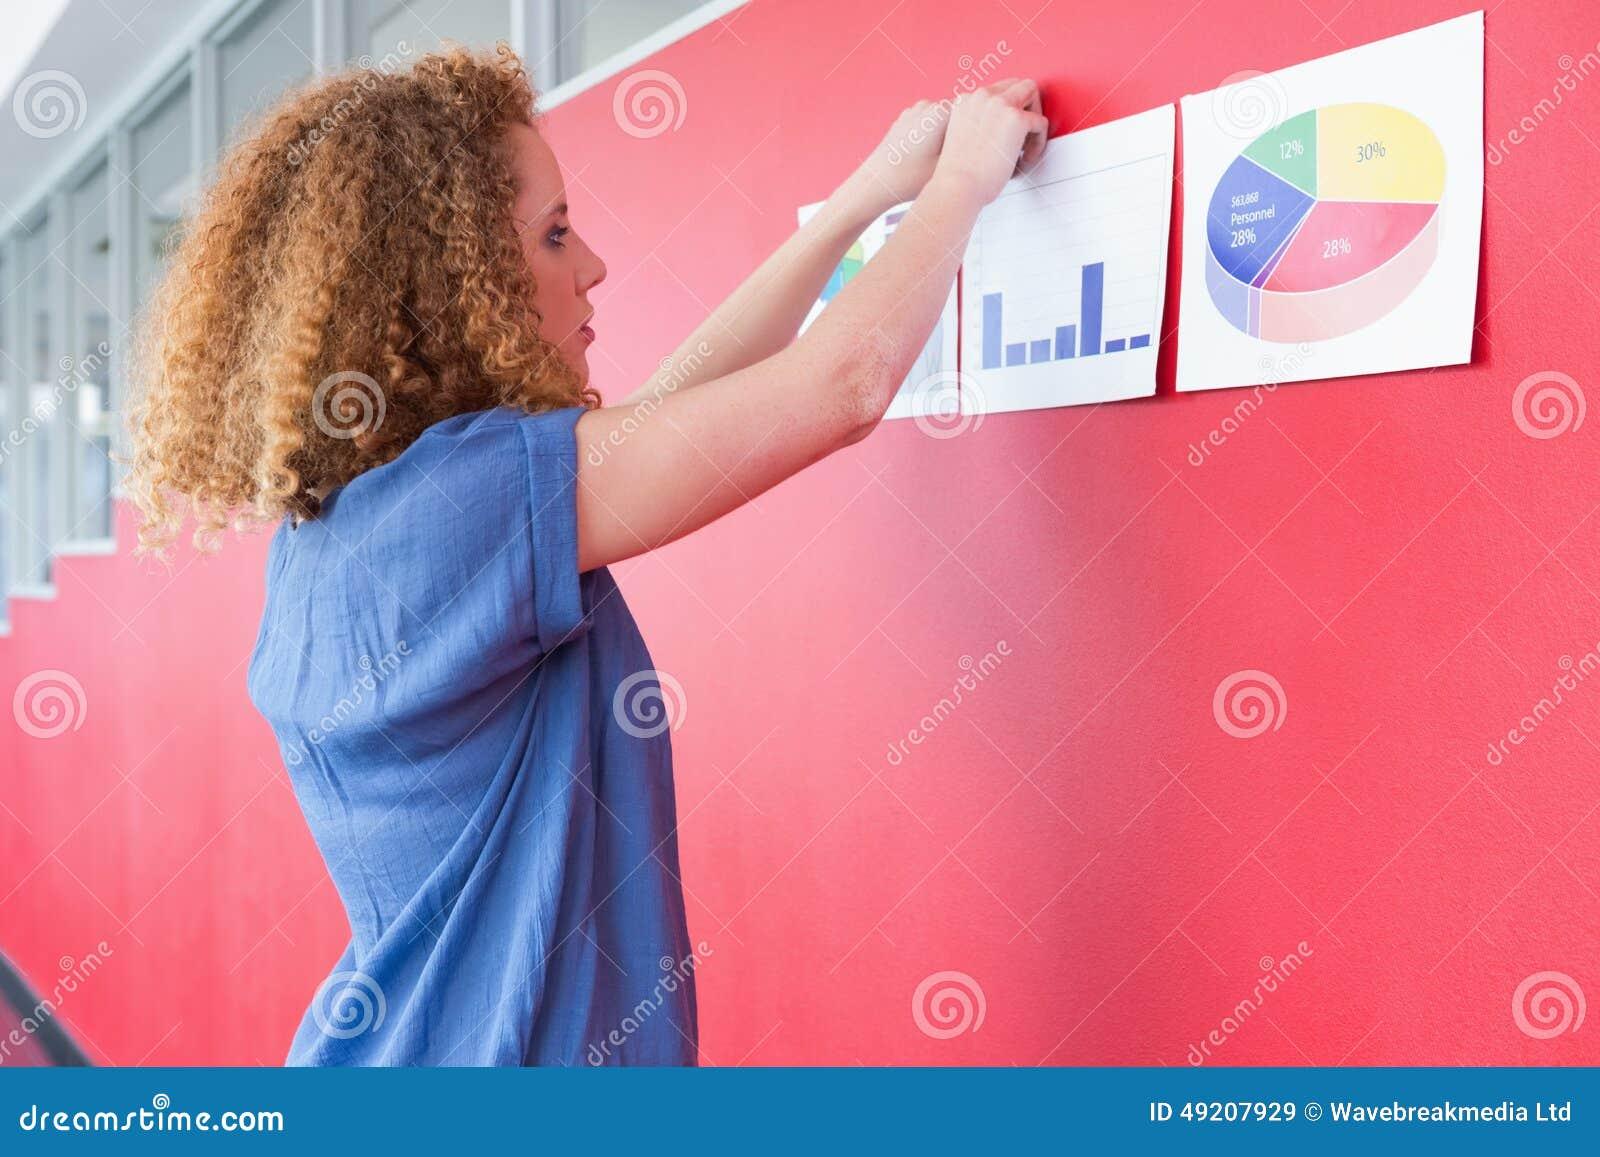 Studenten hungs document op de muur